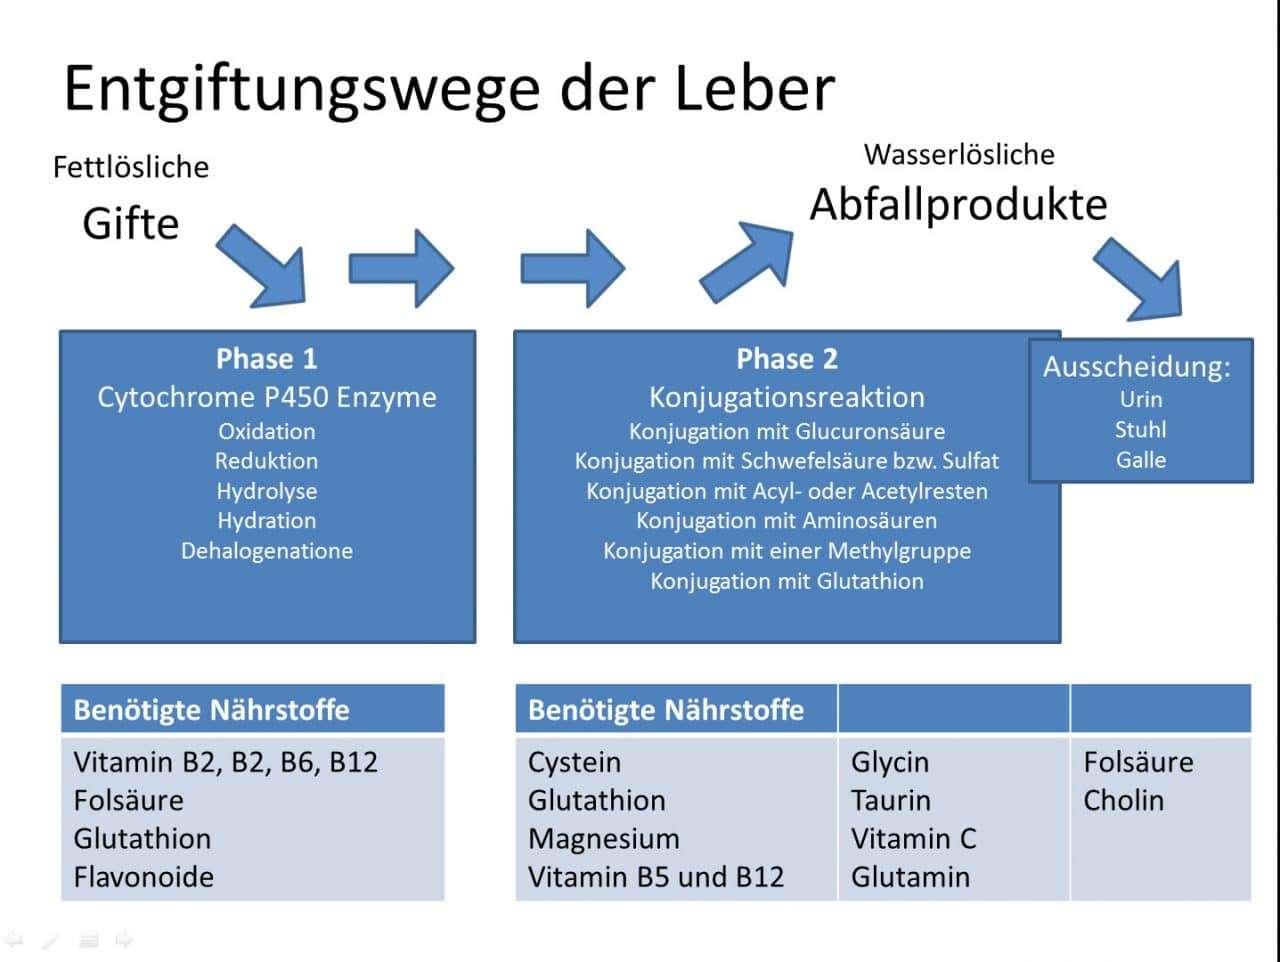 Phase 1 und Phase 2 Entgiftungswege in der Leber, sowie die benötigten Co-Faktoren